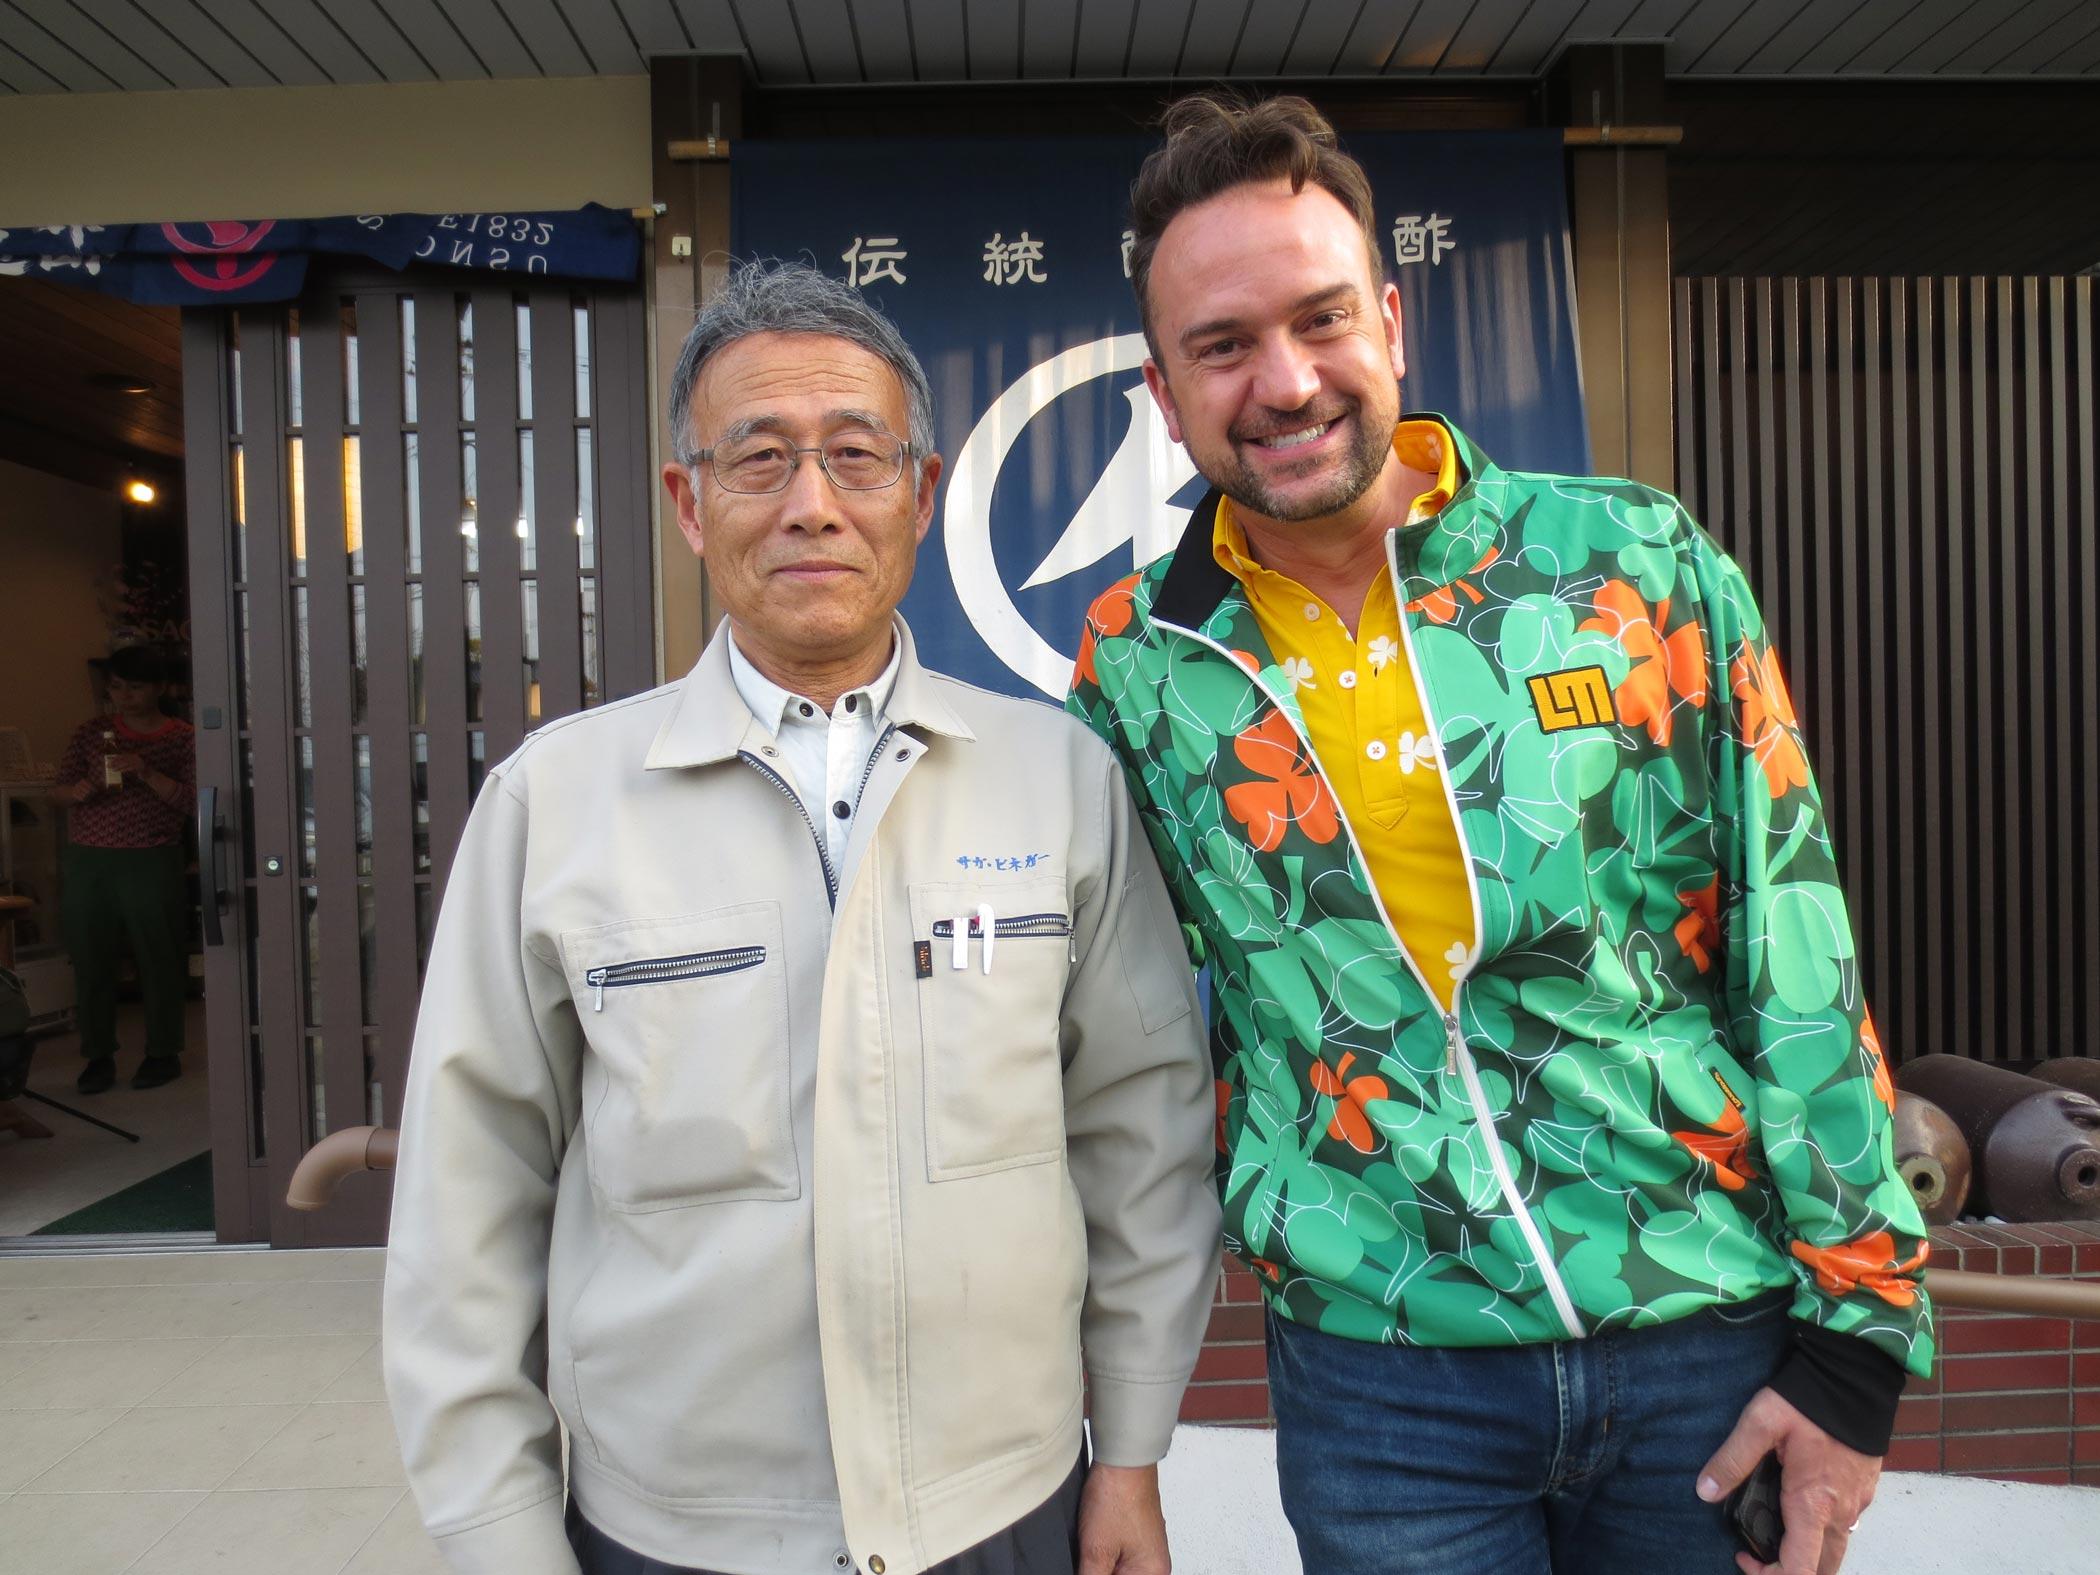 「Trails-to-oishii-Tokyo」テレビリポーターのジェイソンさんです。